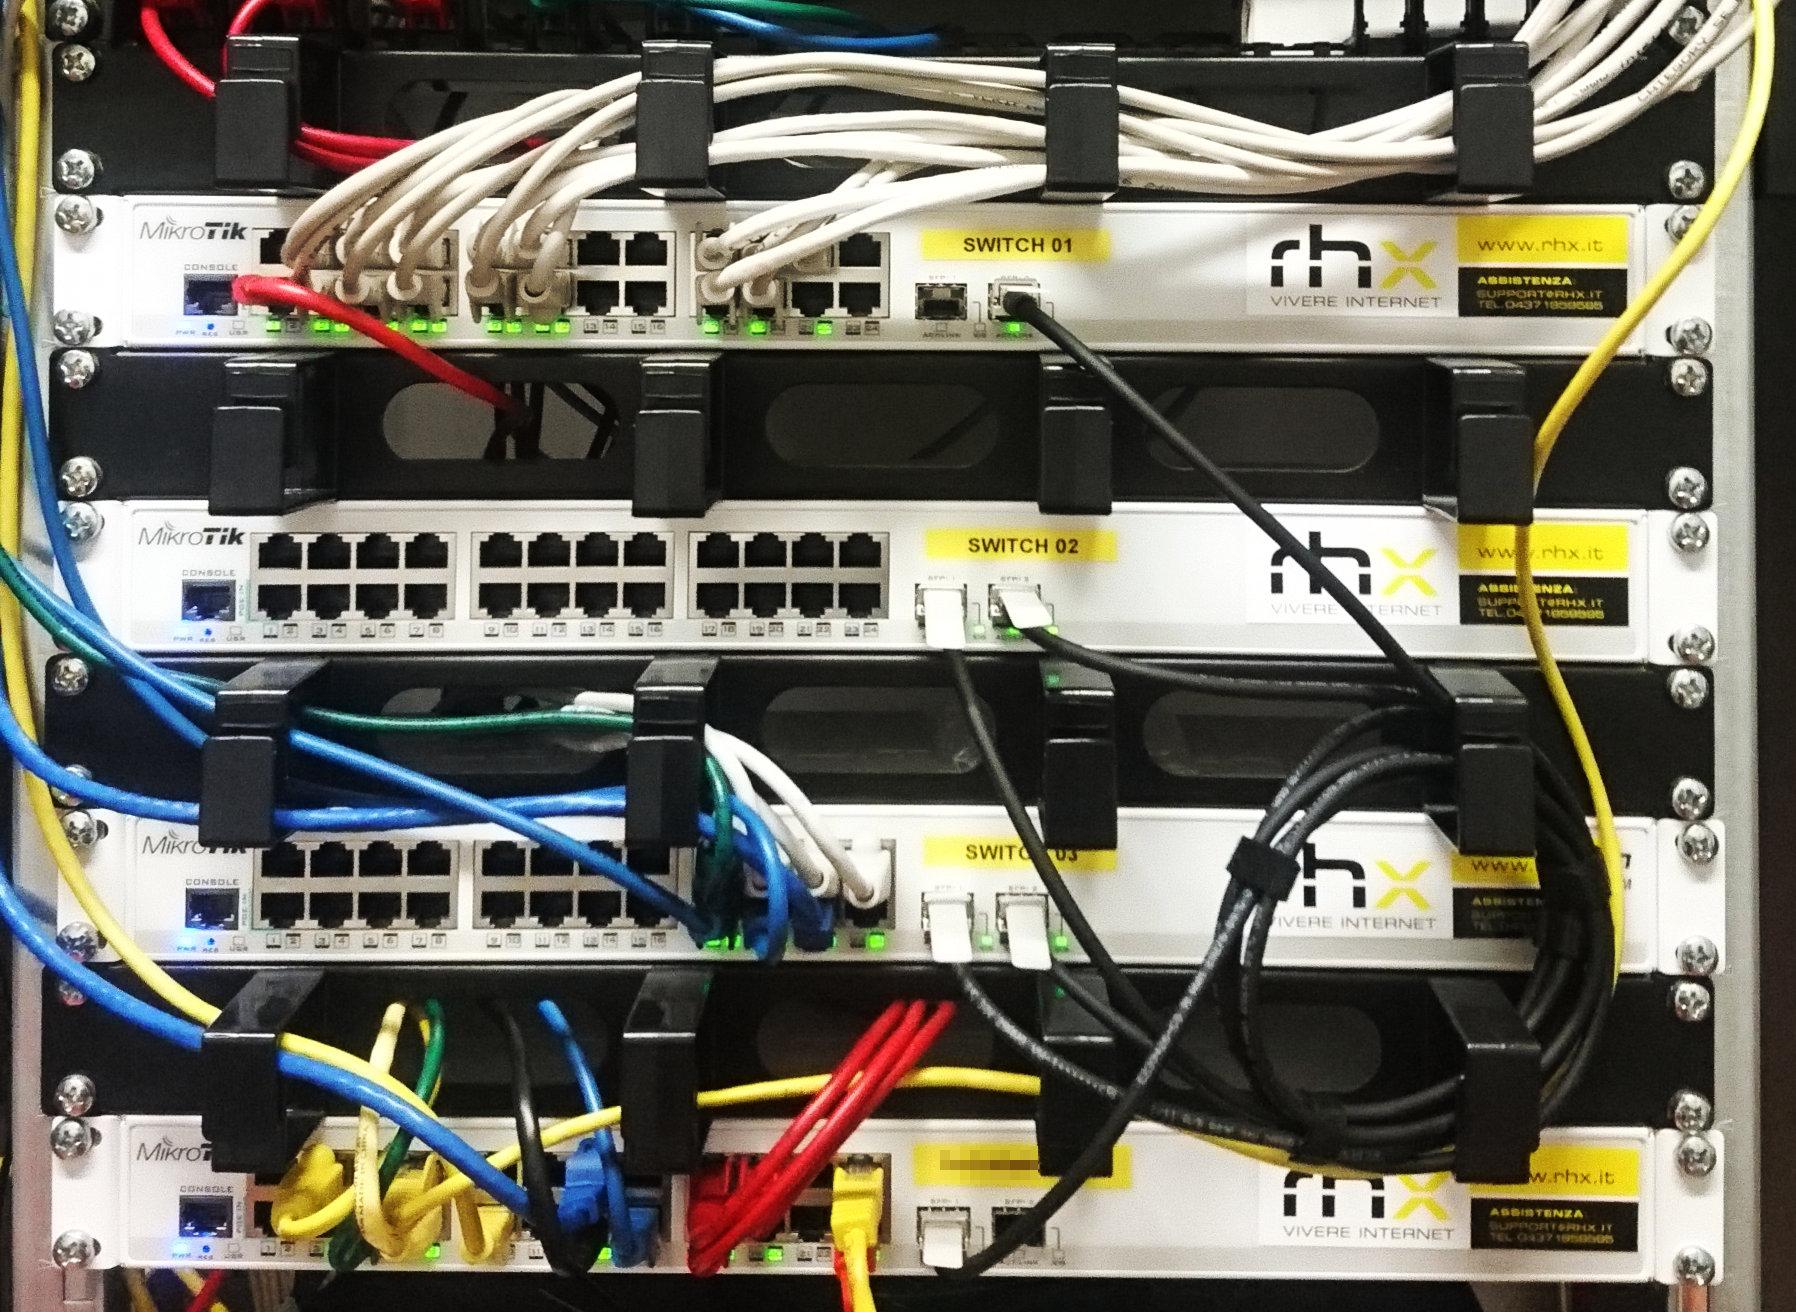 Ripristino in emergenza di una rete con VLAN tagging